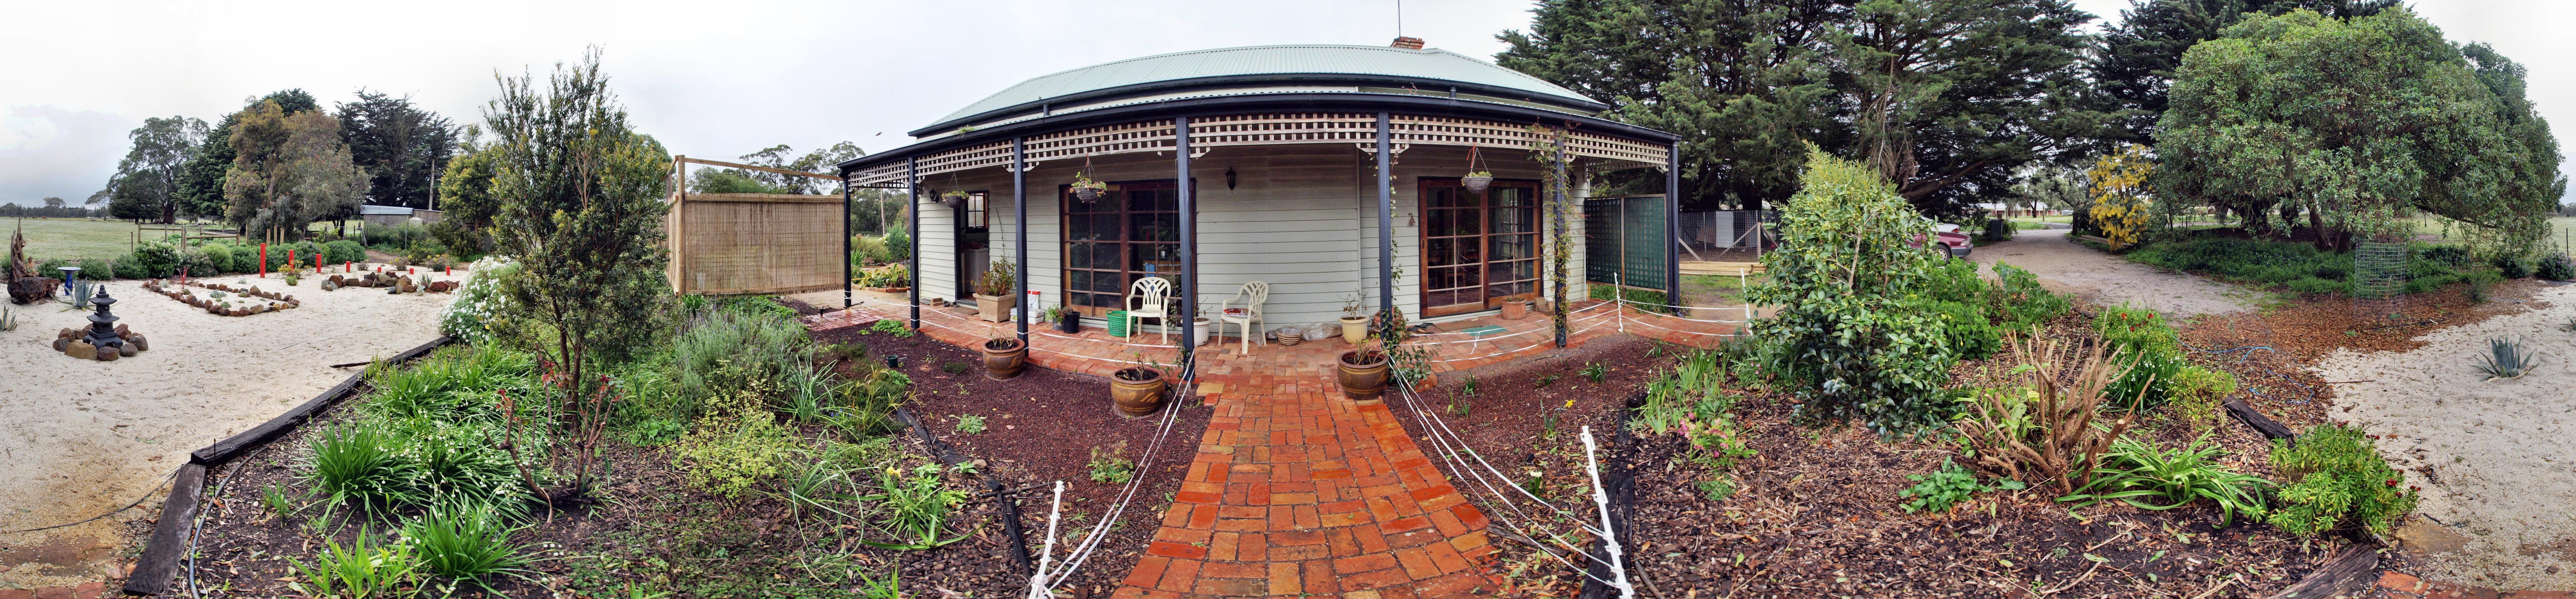 garden-n-panorama-alt.jpeg